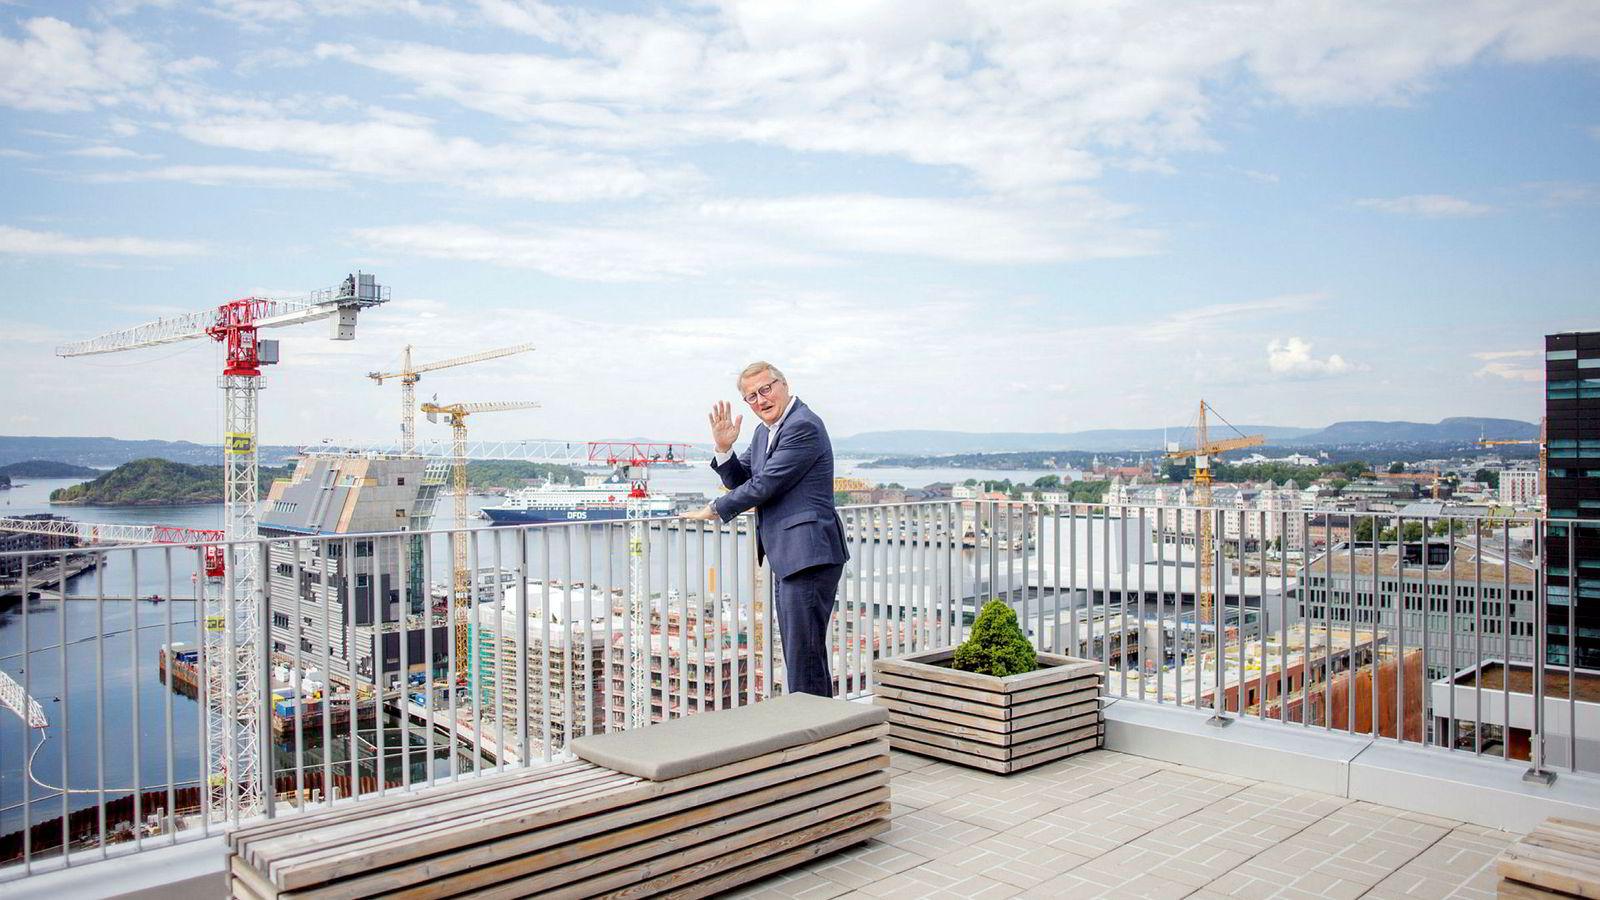 Rune Bjerke har bare få måneder igjen som DNB-sjef, men rakk så vidt å få med at banken passerte Nordea som mest verd i Norden, målt i børsverdi. Her fra hovedkontoret i Bjørvika i Oslo.